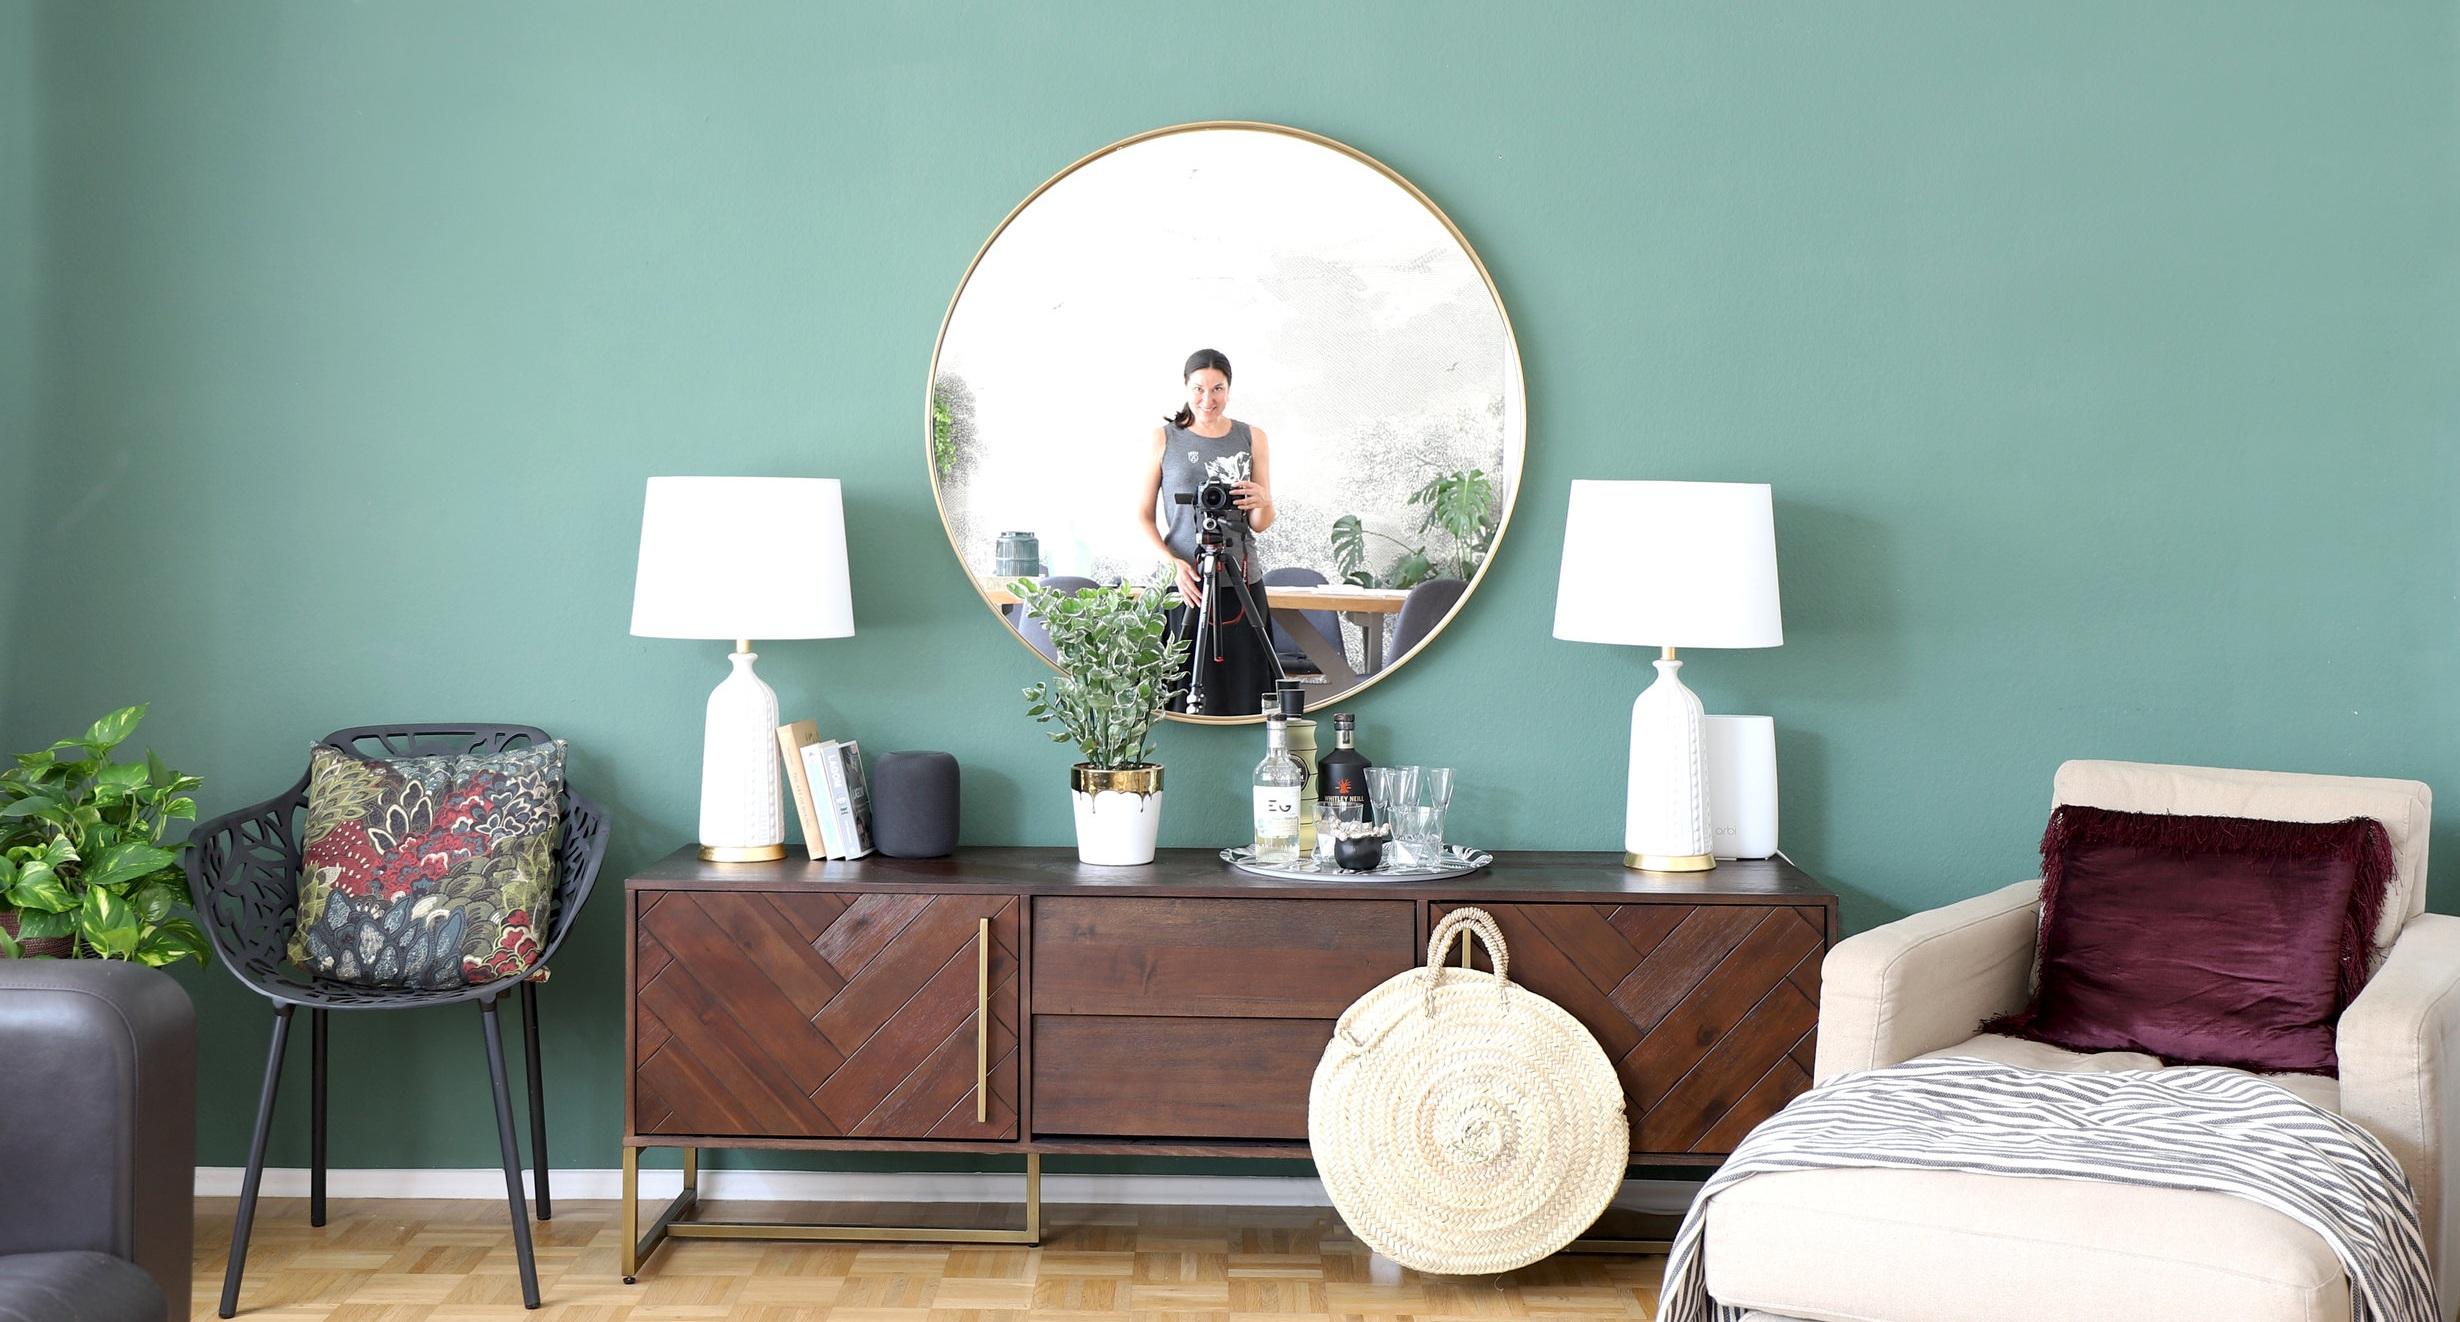 Me+in+mirror+wide.jpg